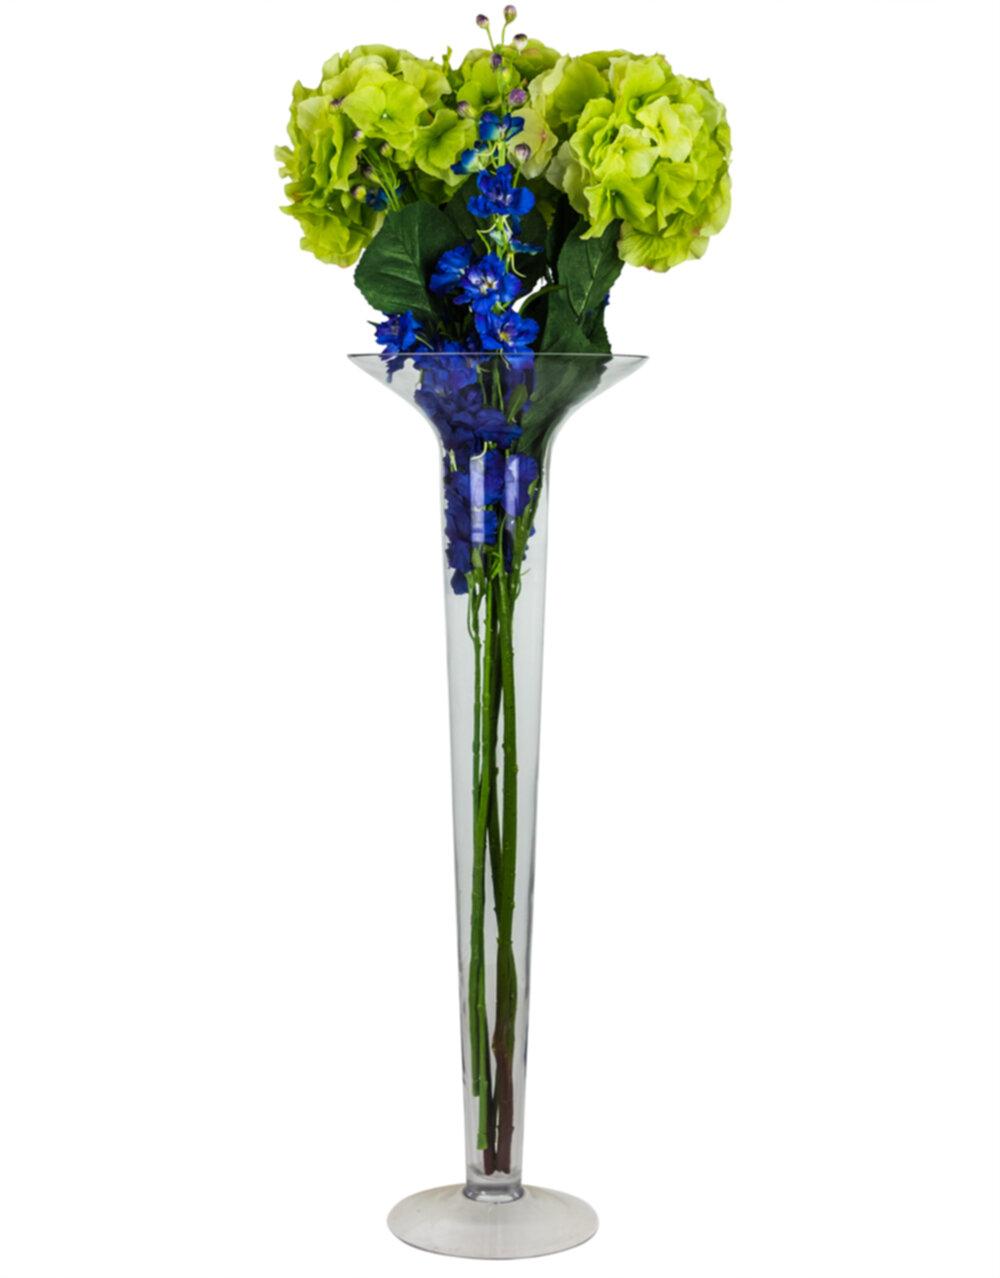 Extra Large Glass Stem Vase